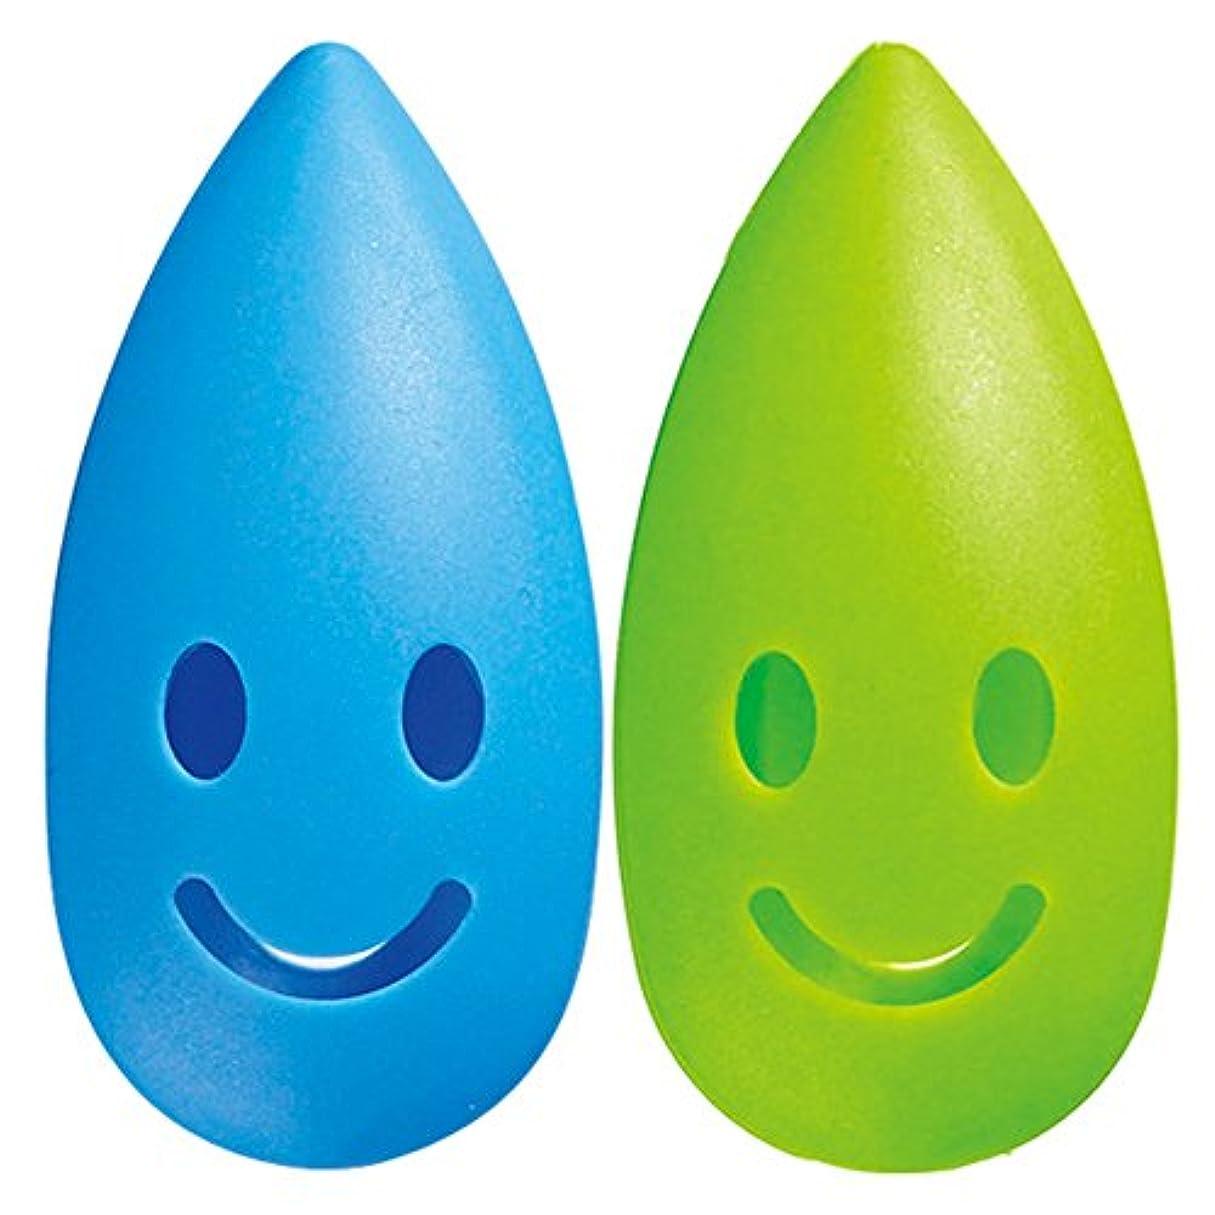 運ぶレイア感謝マーナ ハブラシキャップ 「カラースパイス」 ブルー×グリーン W433B